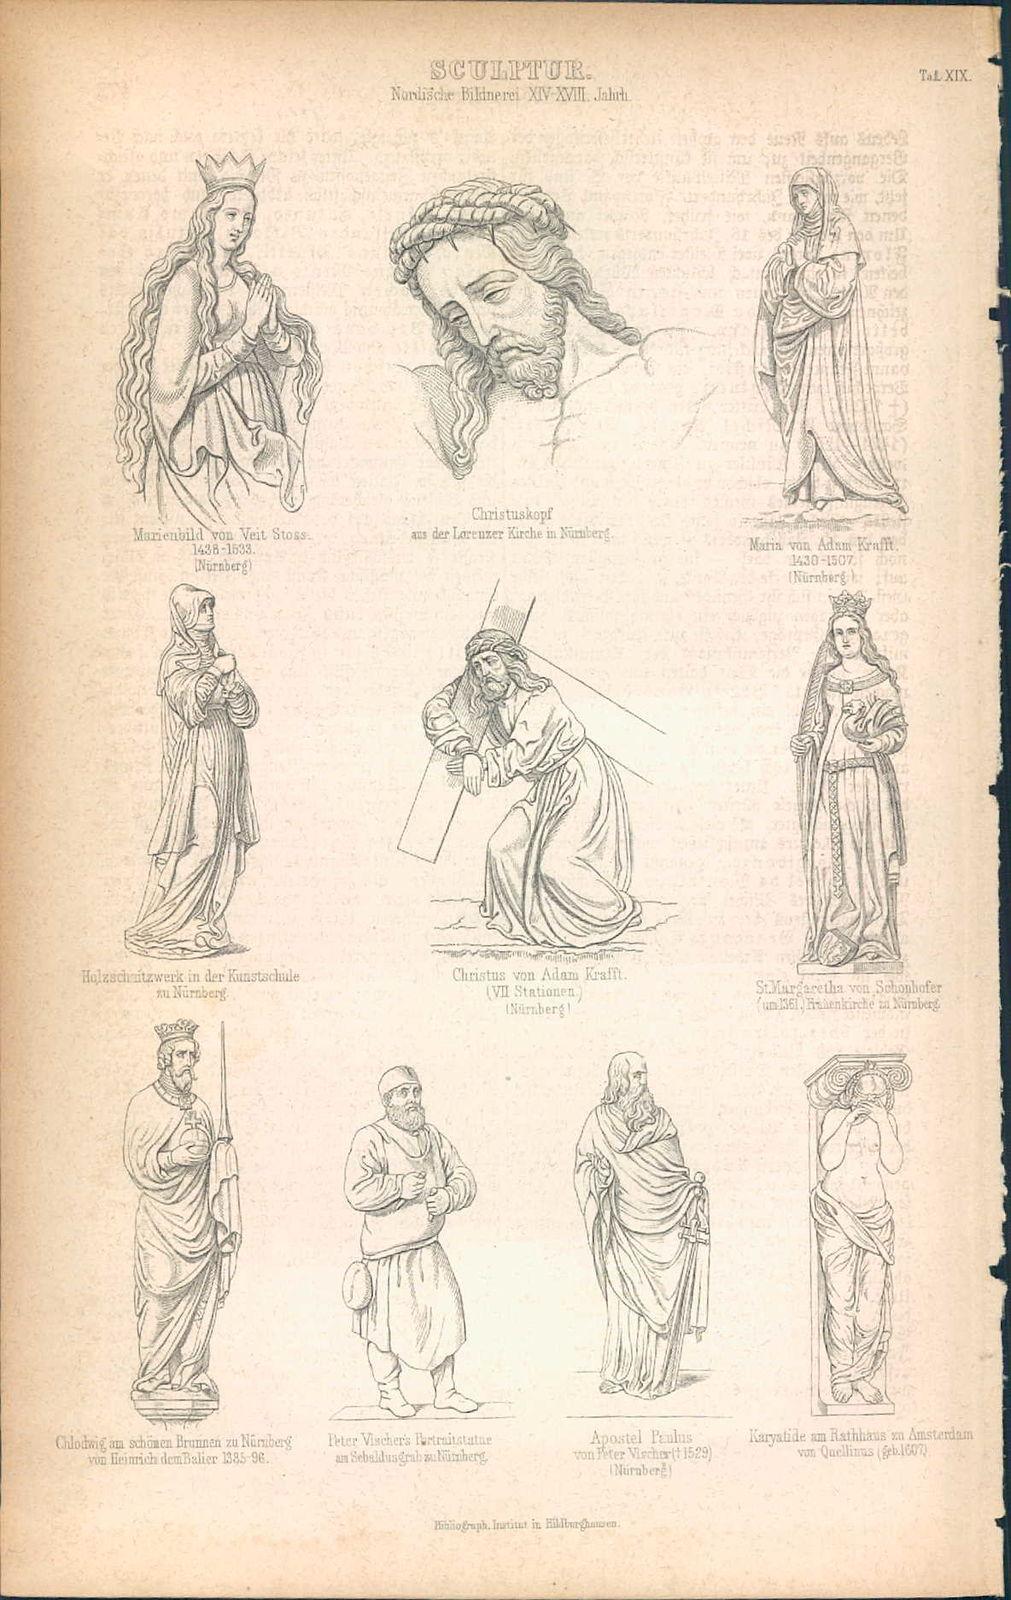 KD4645 - Stich Druck - 1871 - Sculptur - Nordische Bildnerei XIV-XVIII Jahrhundert - 10 Ansichten